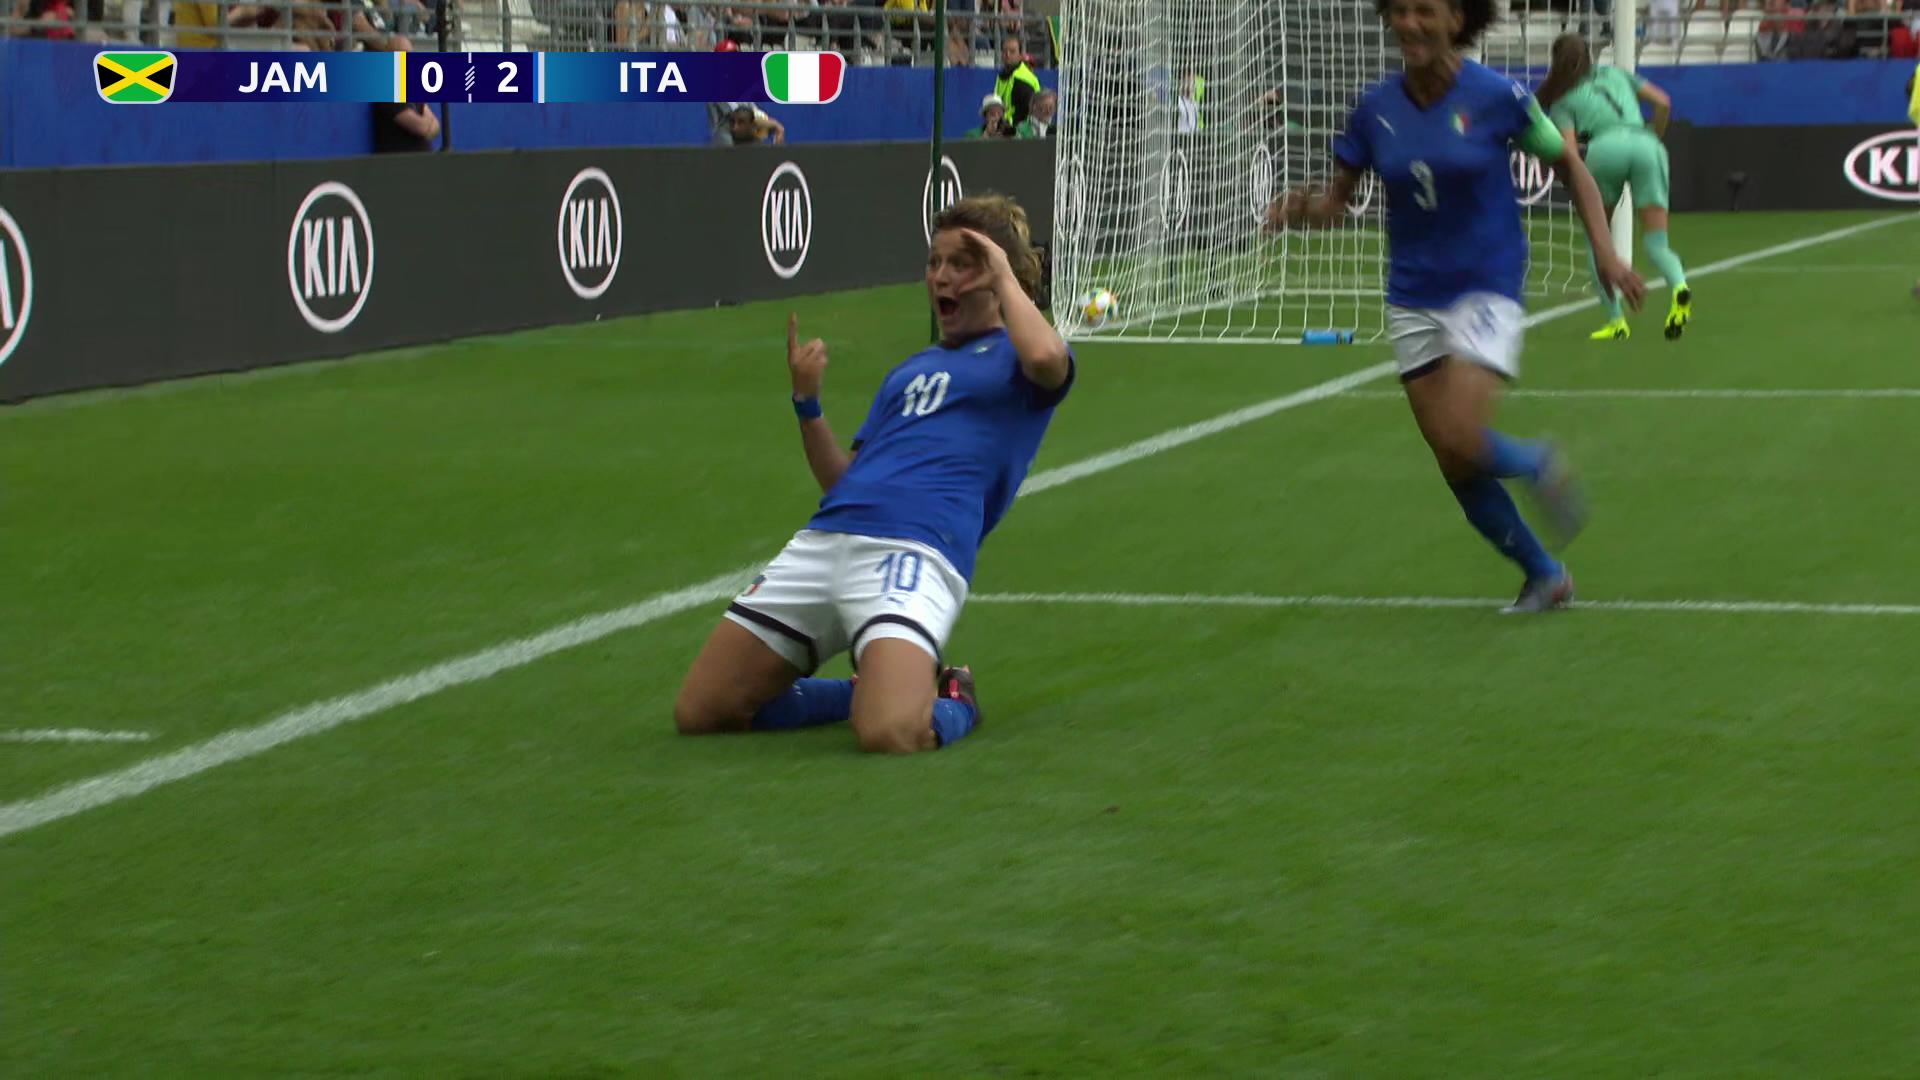 イタリアが大量5得点でジャマイカを下し、決勝T進出決定!【FIFA 女子ワールドカップ - グループC第2節 ハイライト動画】